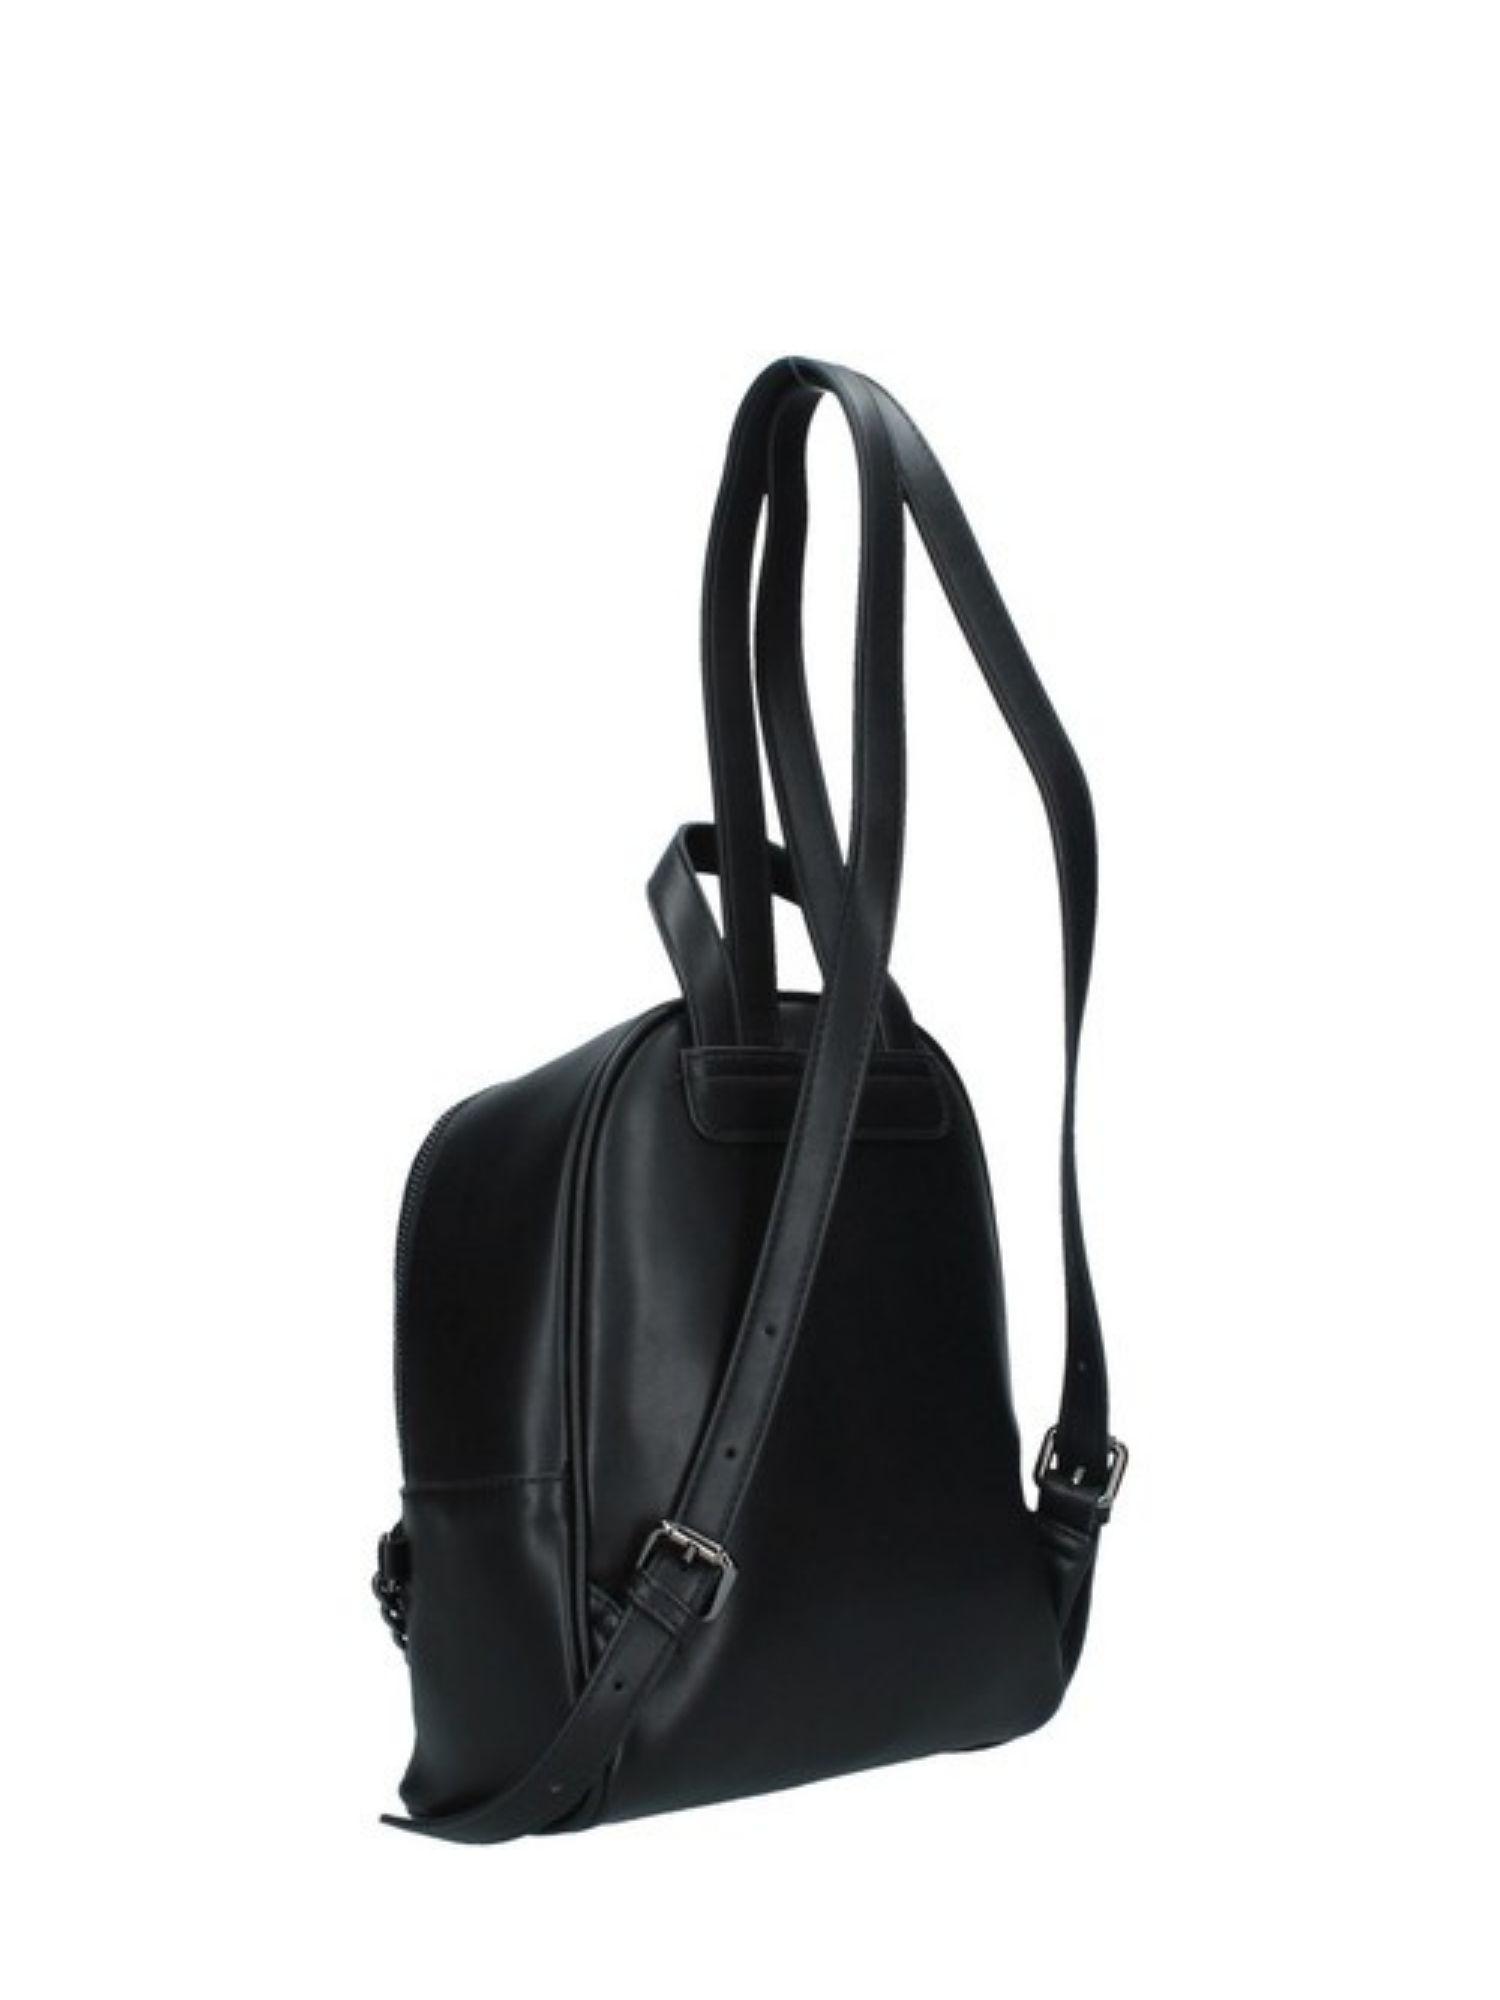 Zaino Atelier Du Sac Pash Bag 10940 nero 2 1